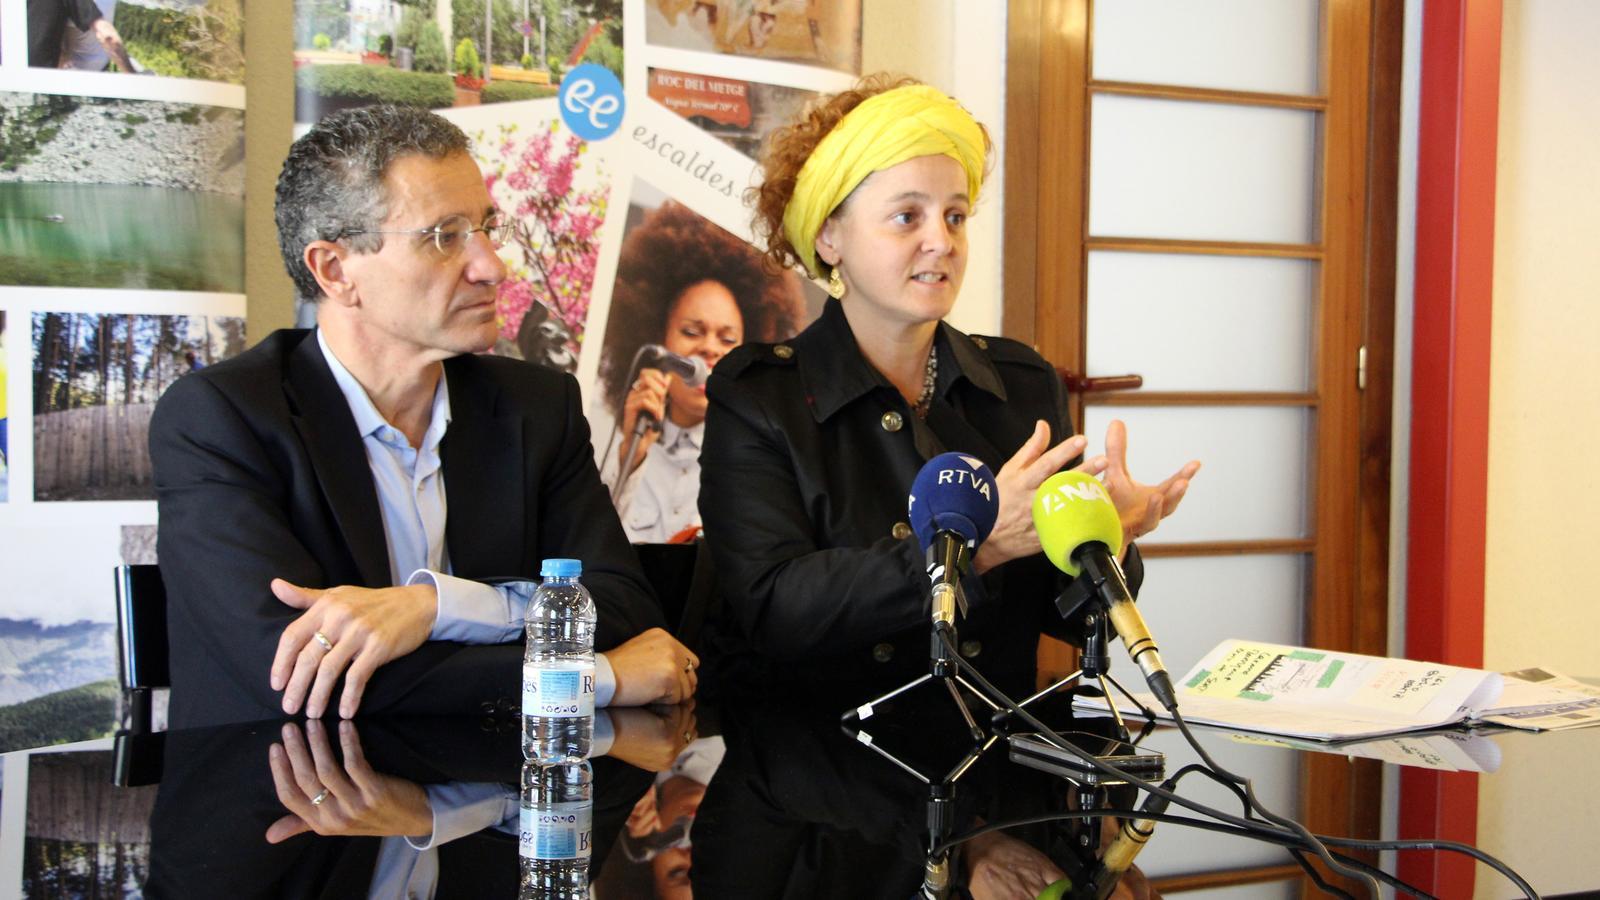 El conseller de Cultura del comú d'Escaldes-Engordany, Salomó Benchluch, i la directora artística del pessebre vivent, Ester Nadal, presenten l'espectacle. / C. G. (ANA)